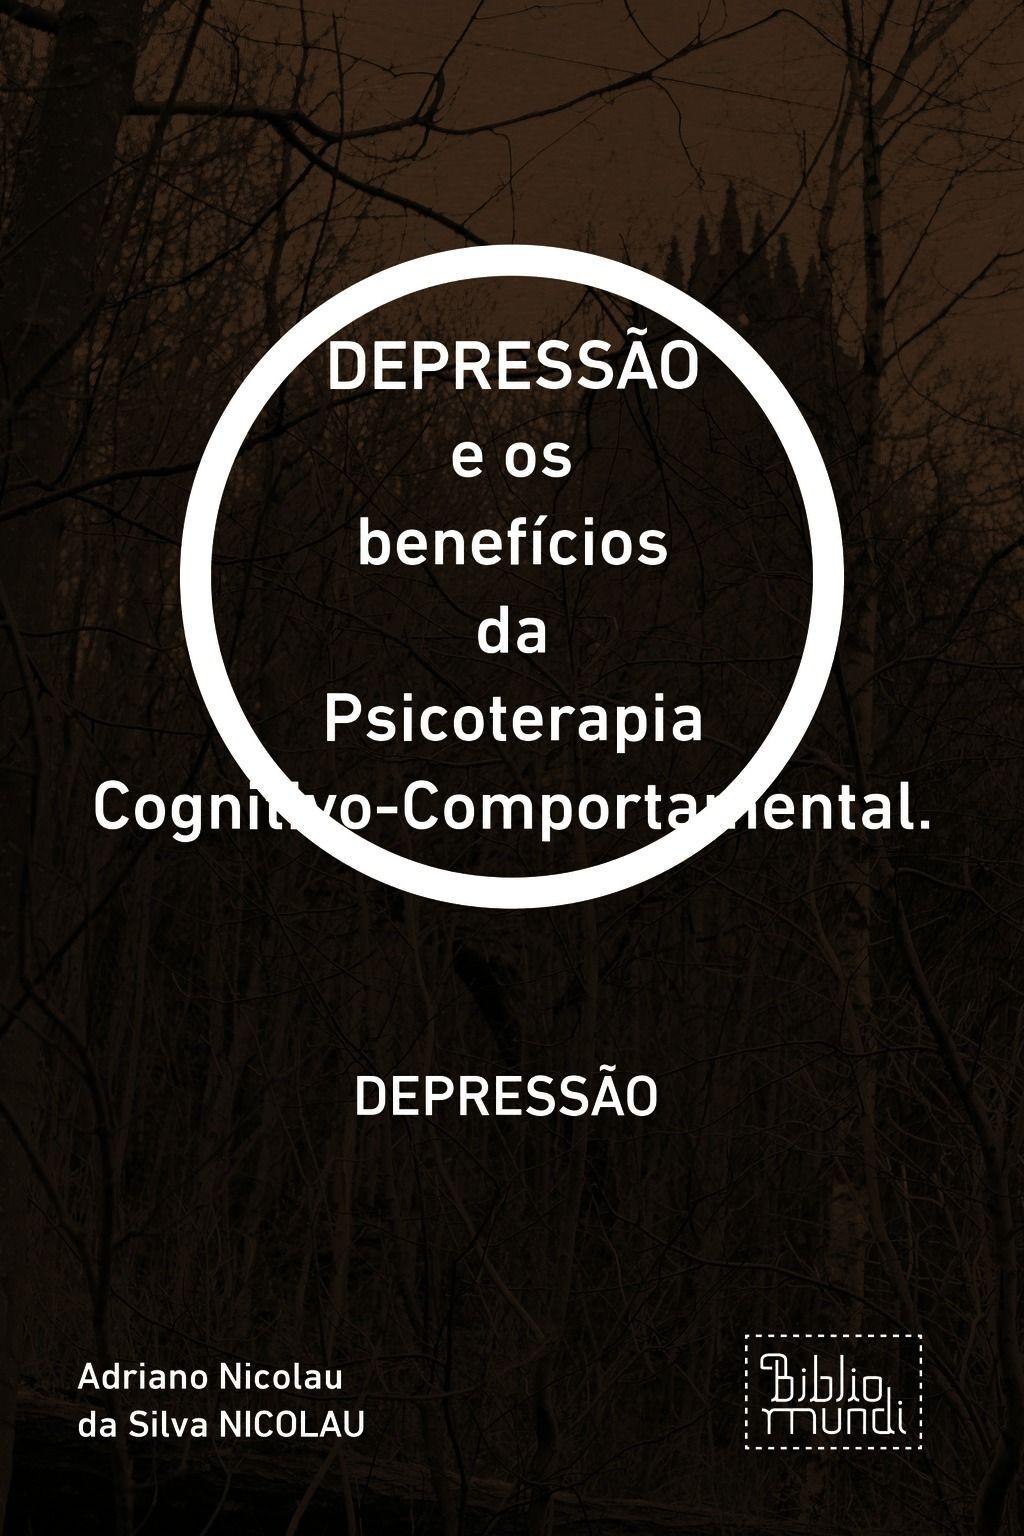 Depressão E Os Benefícios Da Psicoterapia Cognitivo-Comportamental.